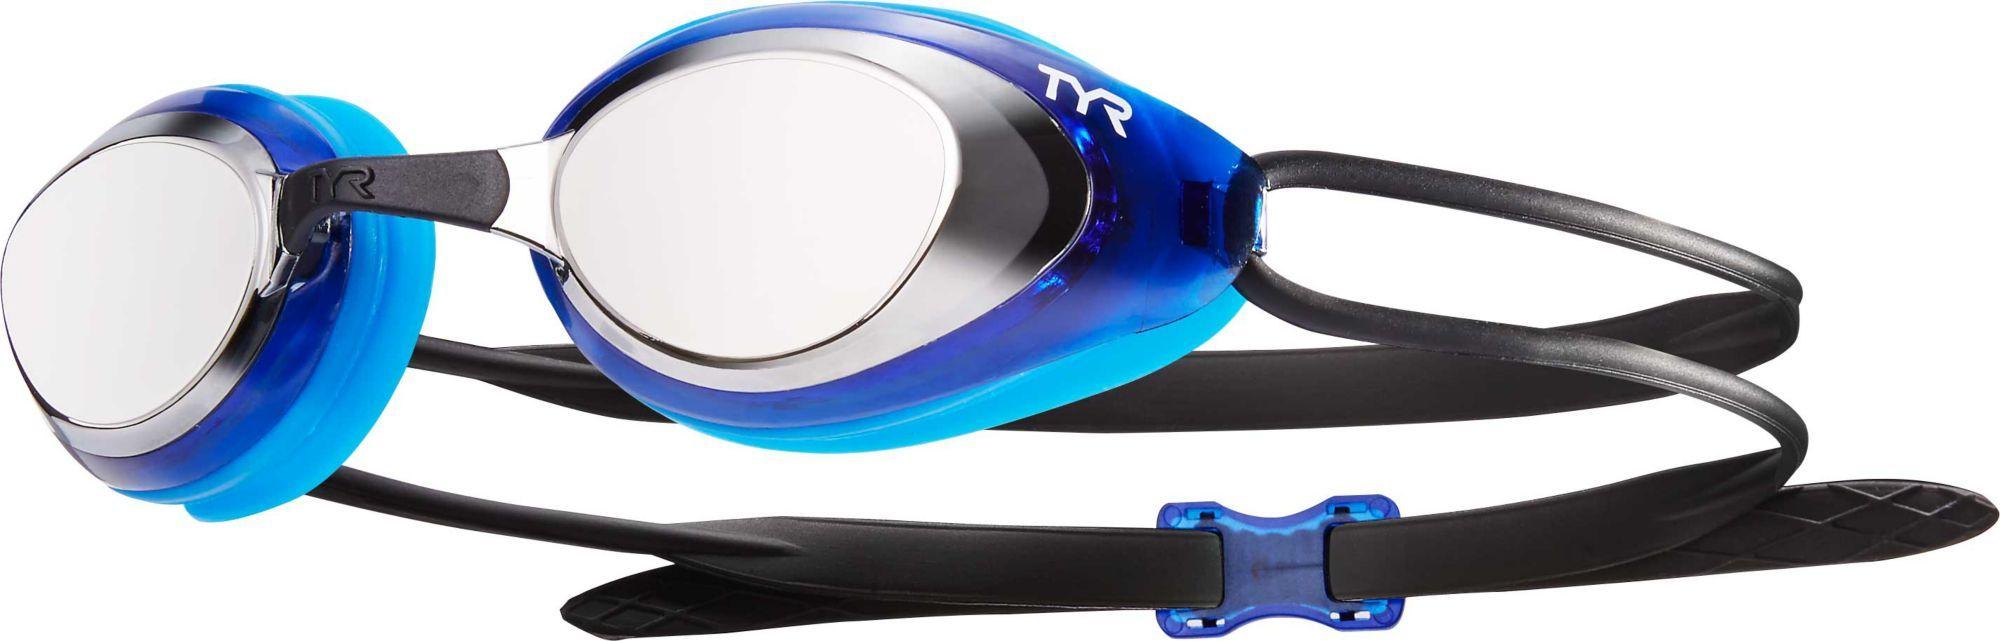 f6d91f82f71 TYR Blackhawk Mirrored Racing Swim Goggles